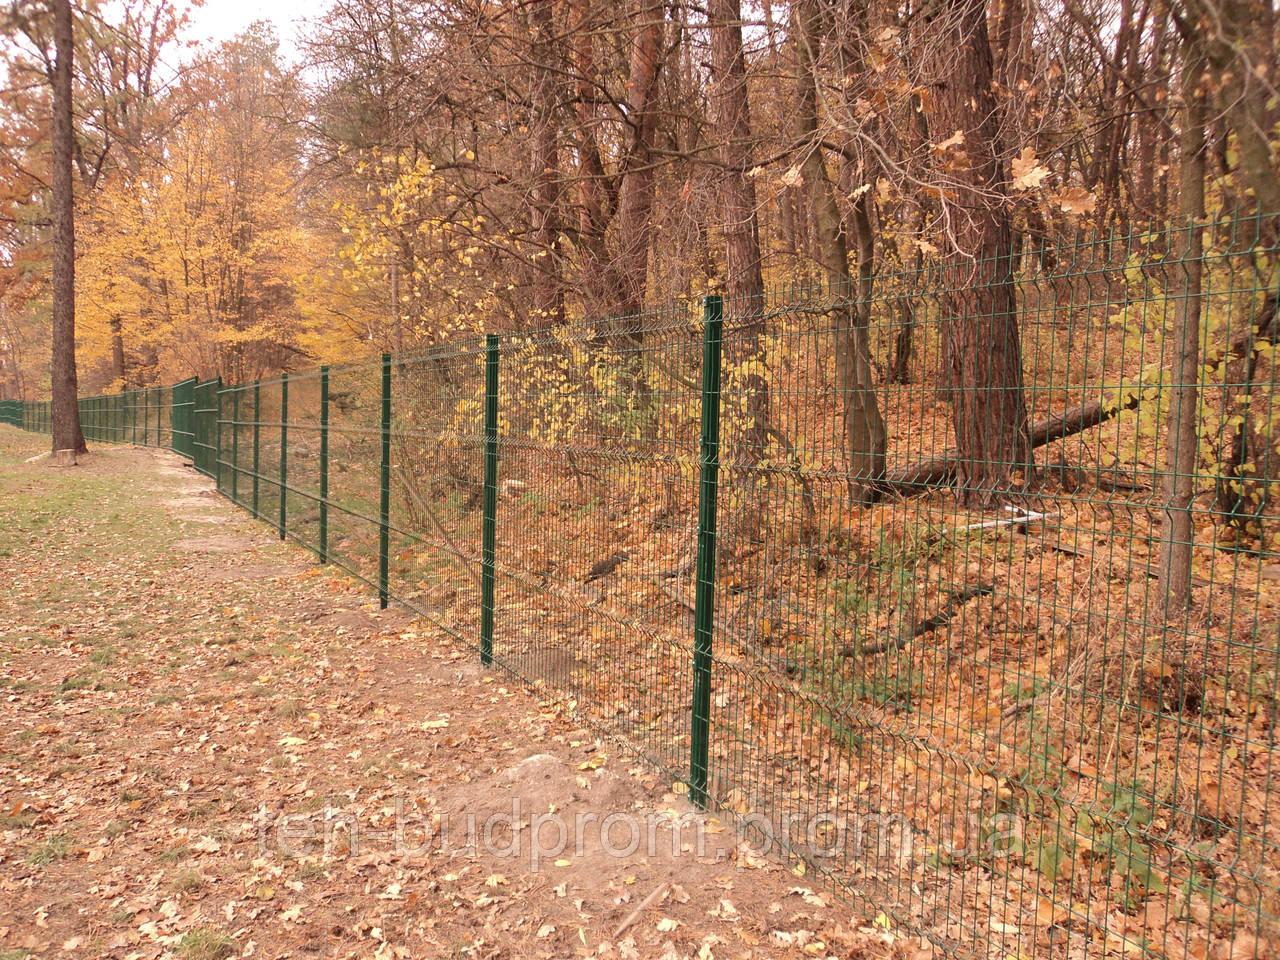 Секционный забор (3D панель) 930ммх2500мм